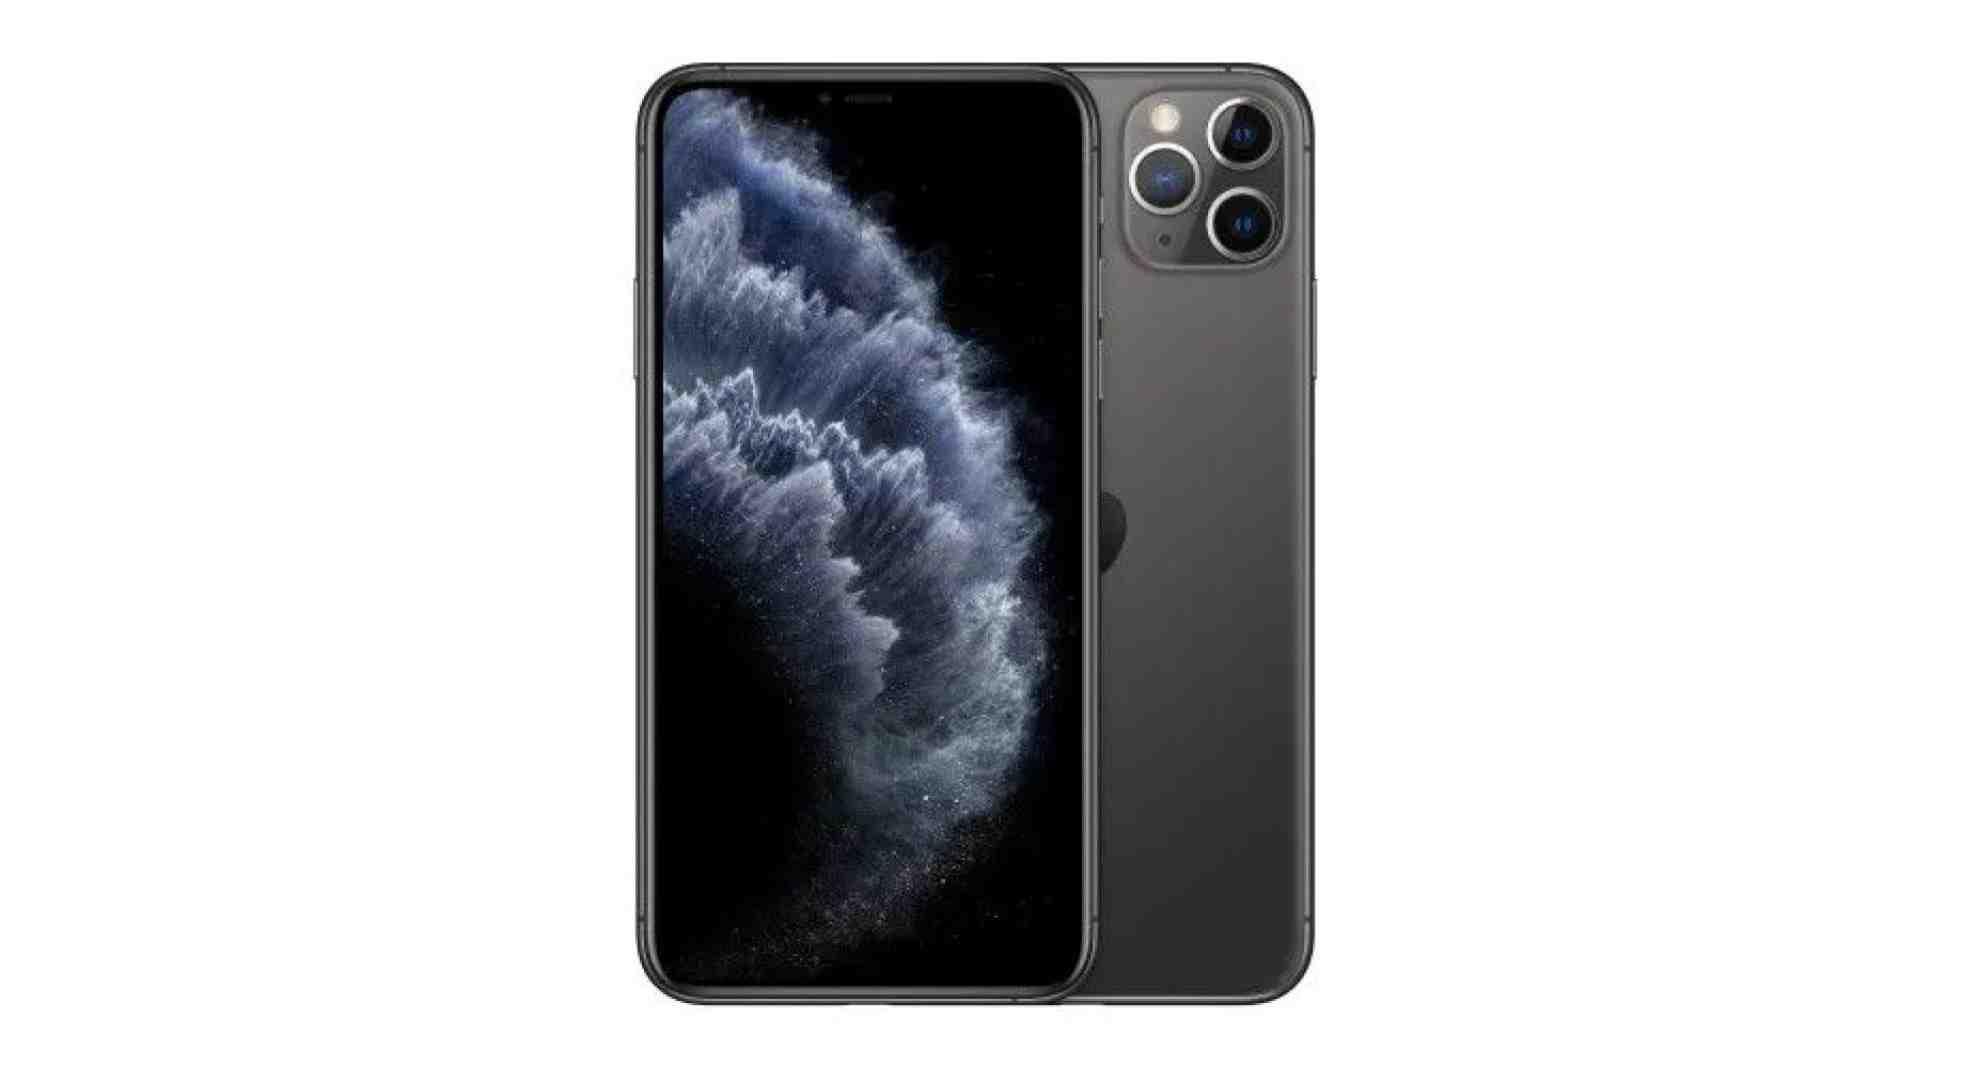 Pourquoi l'iphone 11 pro max n'est pas disponible